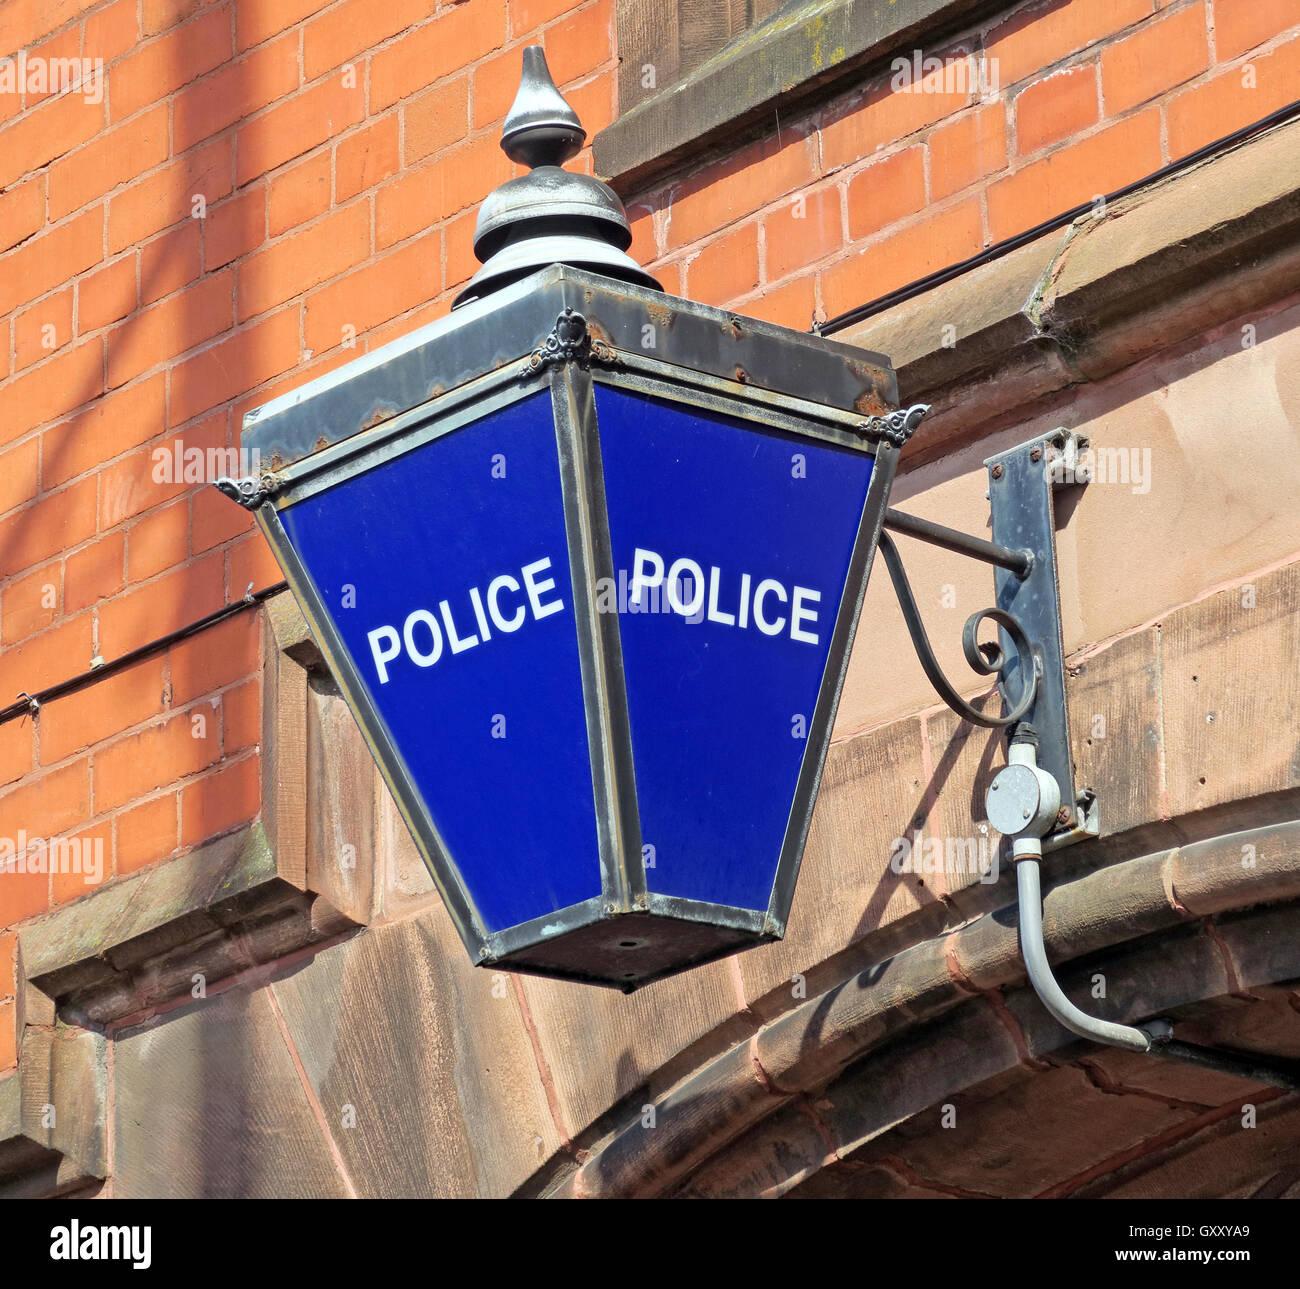 Laden Sie dieses Alamy Stockfoto Traditionelle blaue britische Polizeistation Lampe, Stockton Heath, Warrington, Cheshire - GXXYA9